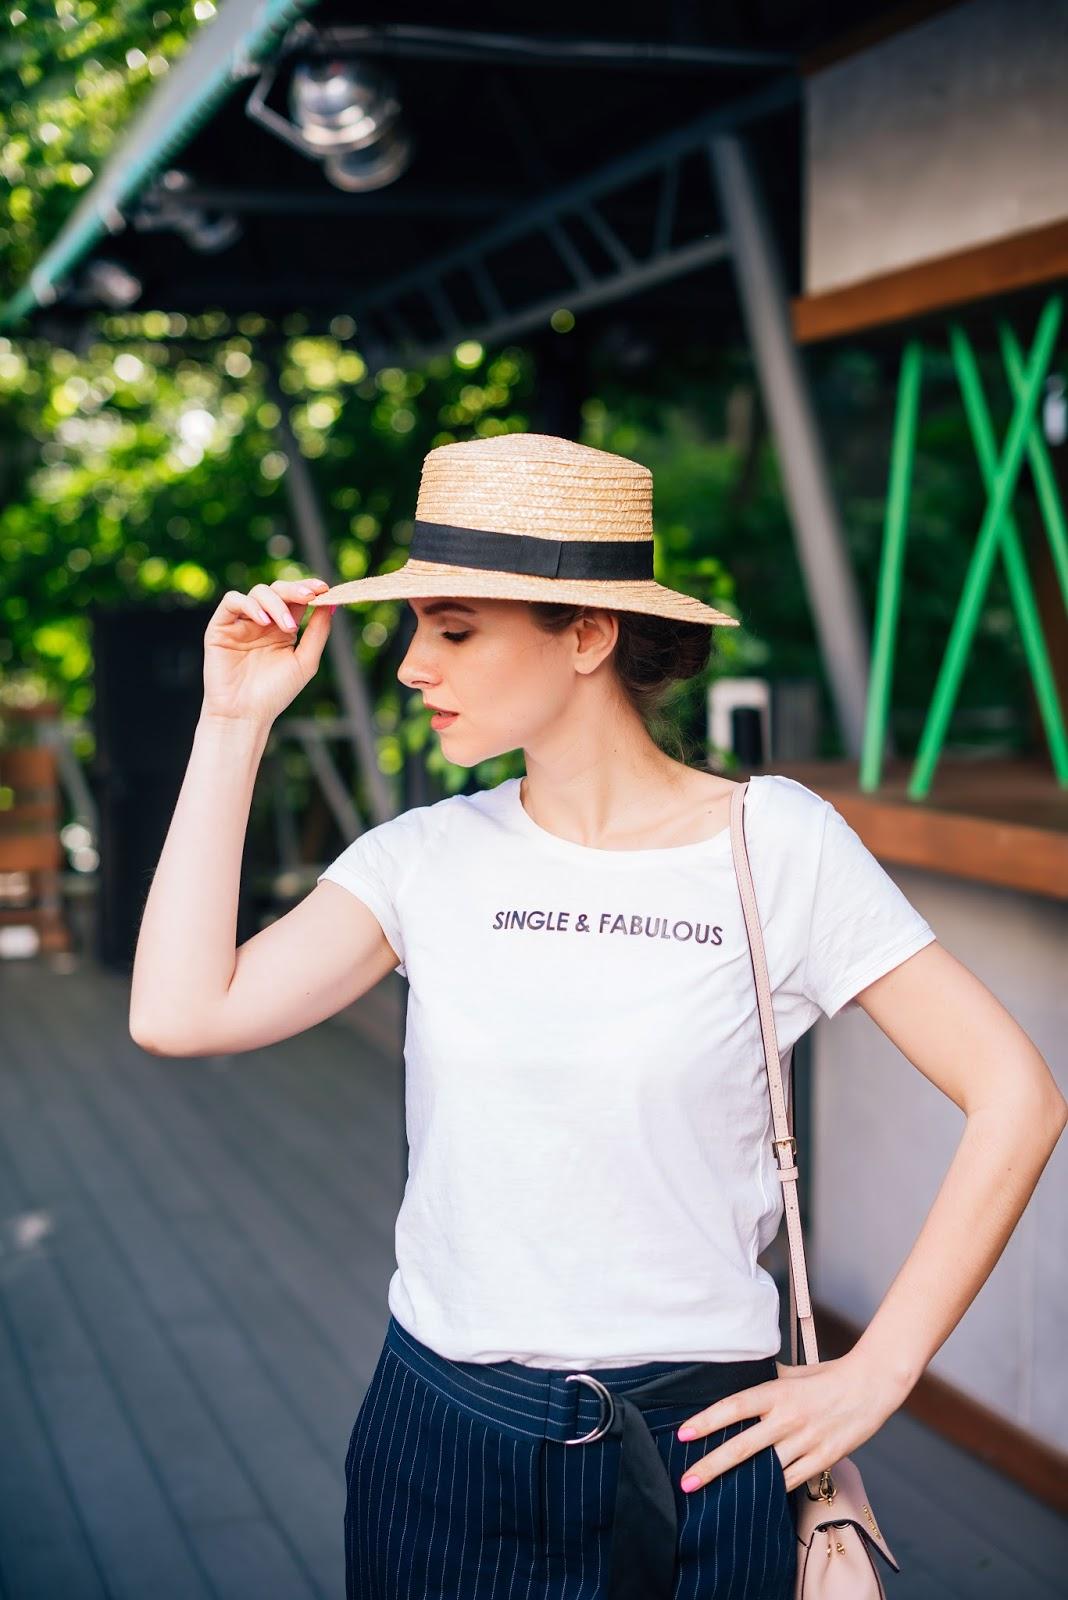 где купить соломенную шляпу